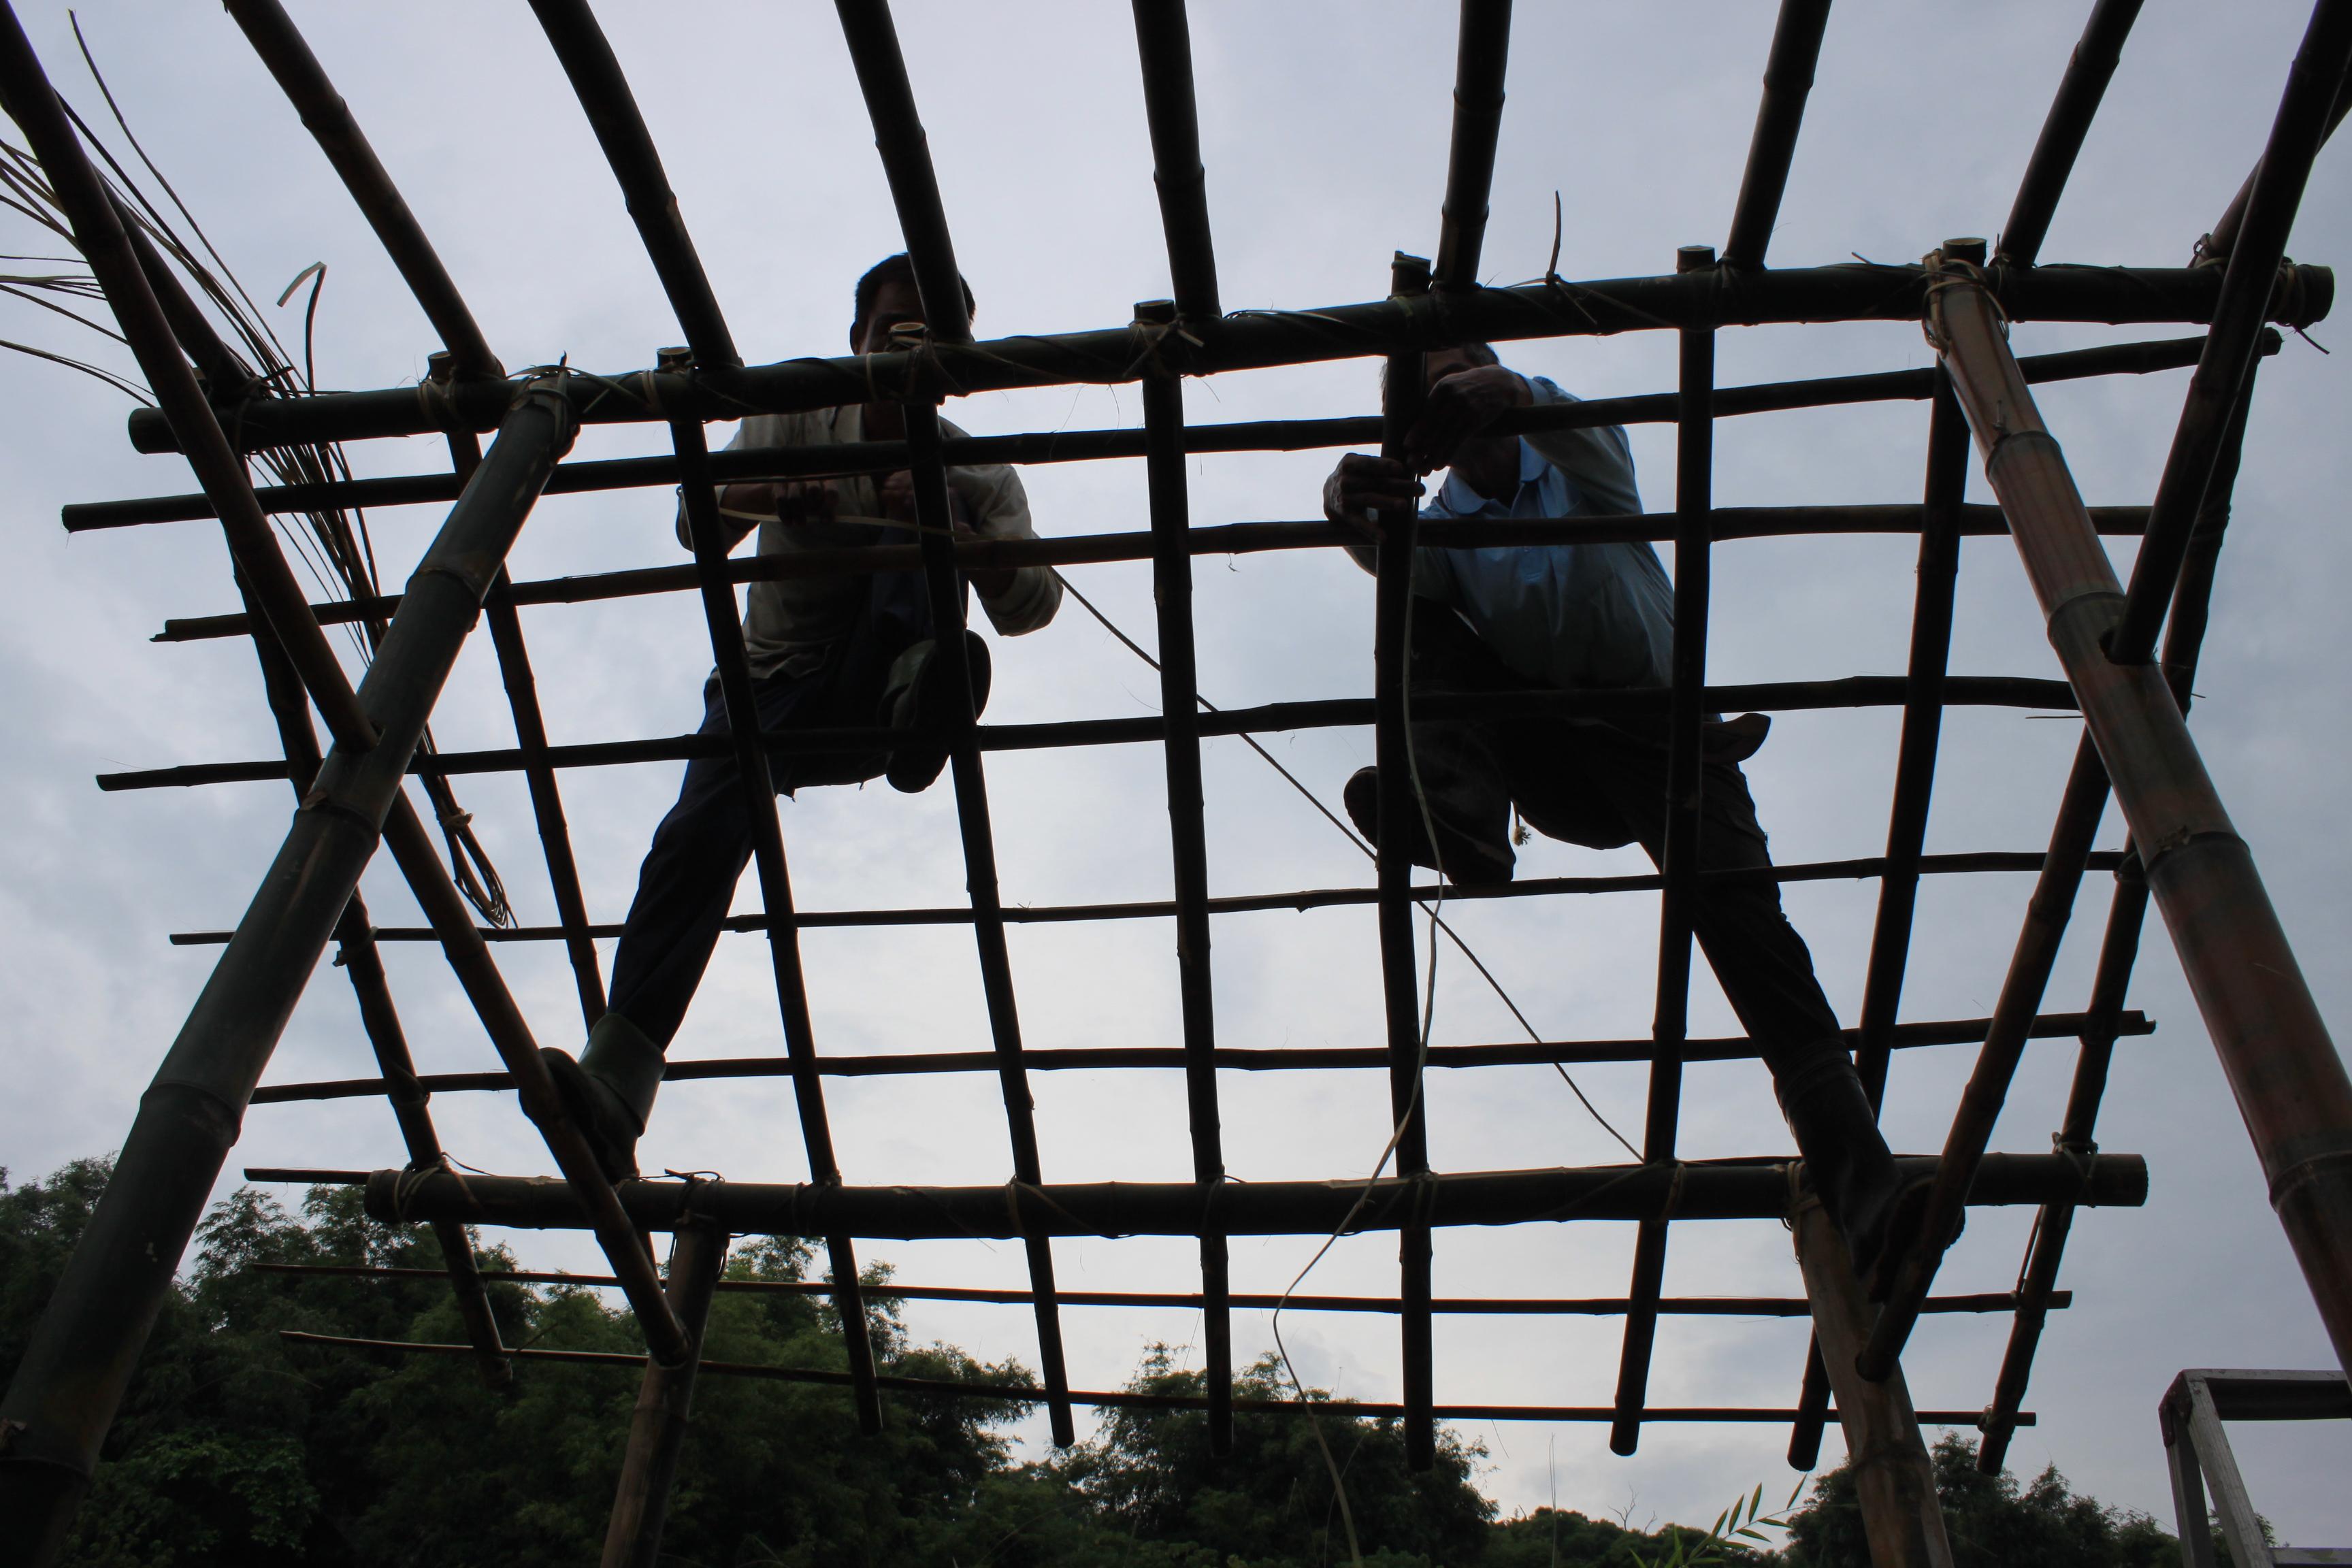 八月初 工作站與部落長輩一起打造傳統建築工法的生態廁所 攝影大苑